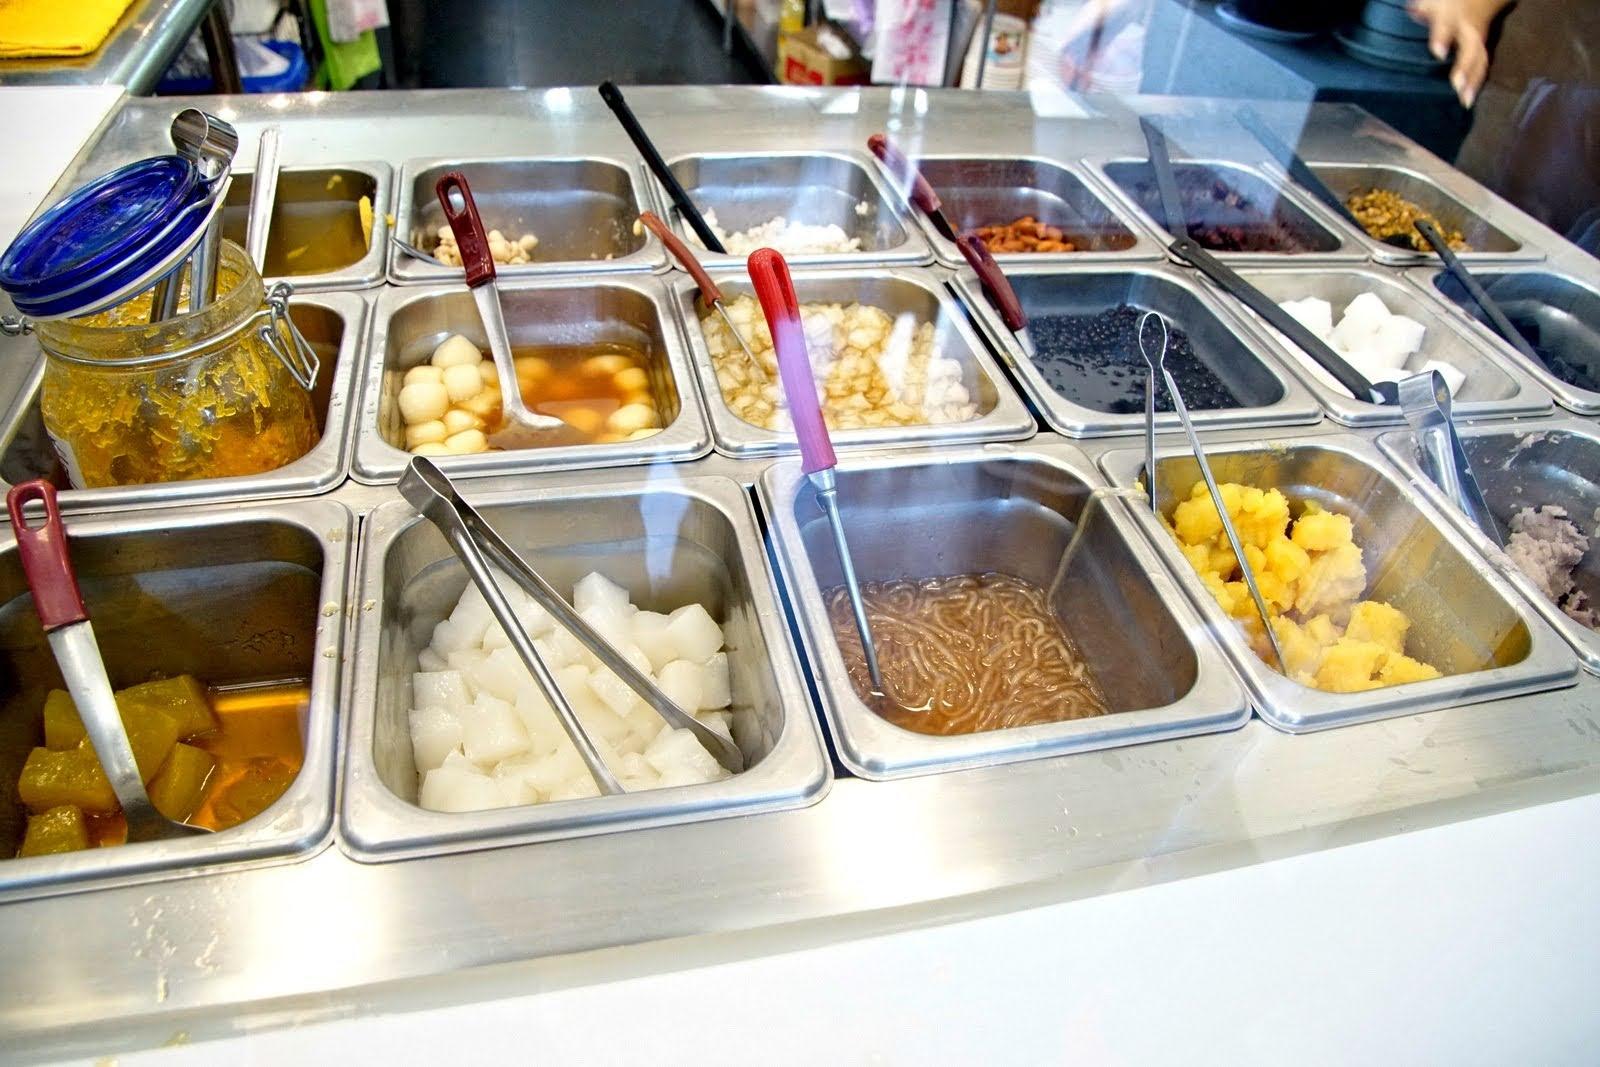 [台南][中西區] 家鄉八寶冰|滿滿水果冰 vs 濃厚麵茶粉|食記